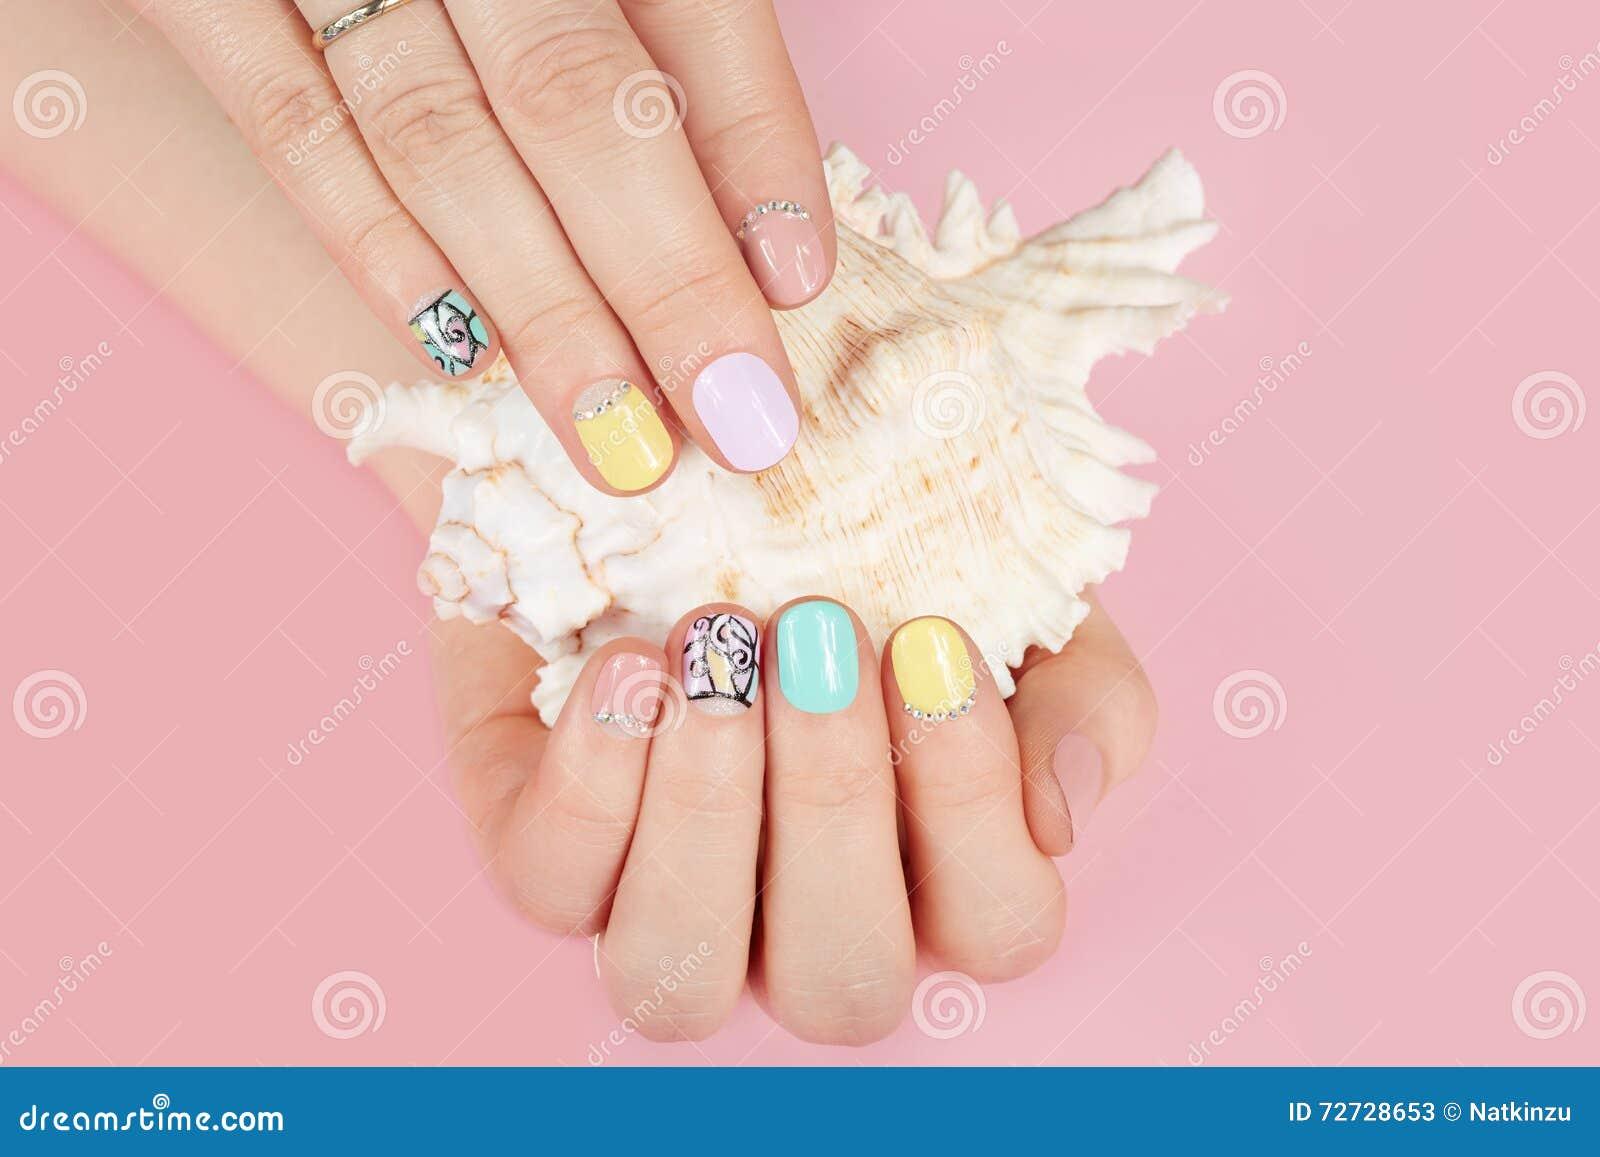 Ręki z pięknymi robiącymi manikiur gwoździami i denną skorupą